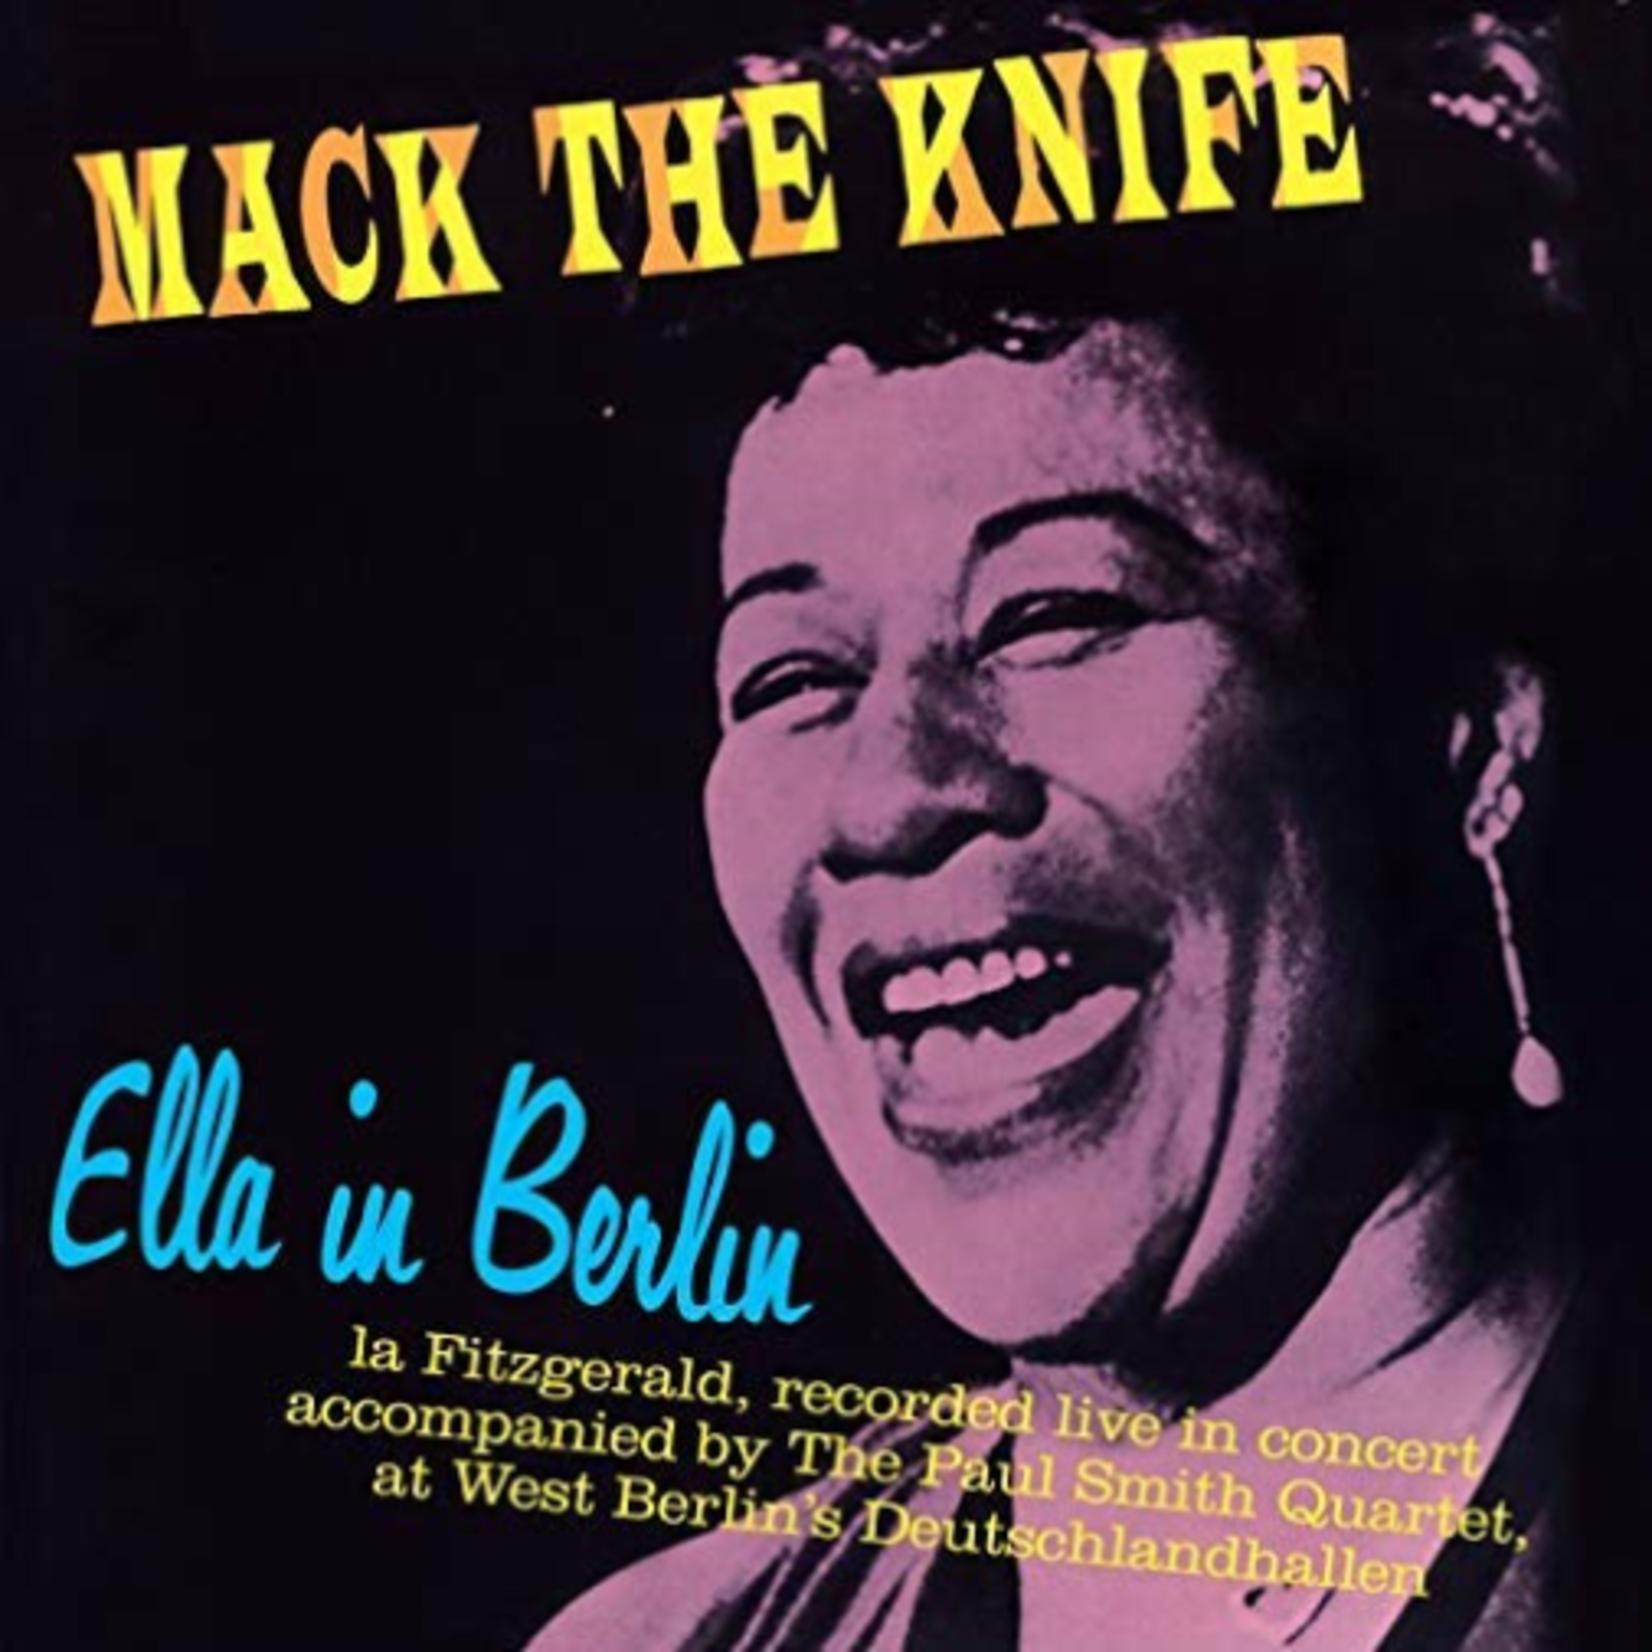 ELLA FITZGERALD ELLA IN BERLIN (MACK THE KNIFE) + 4 BONUS TRACKS!